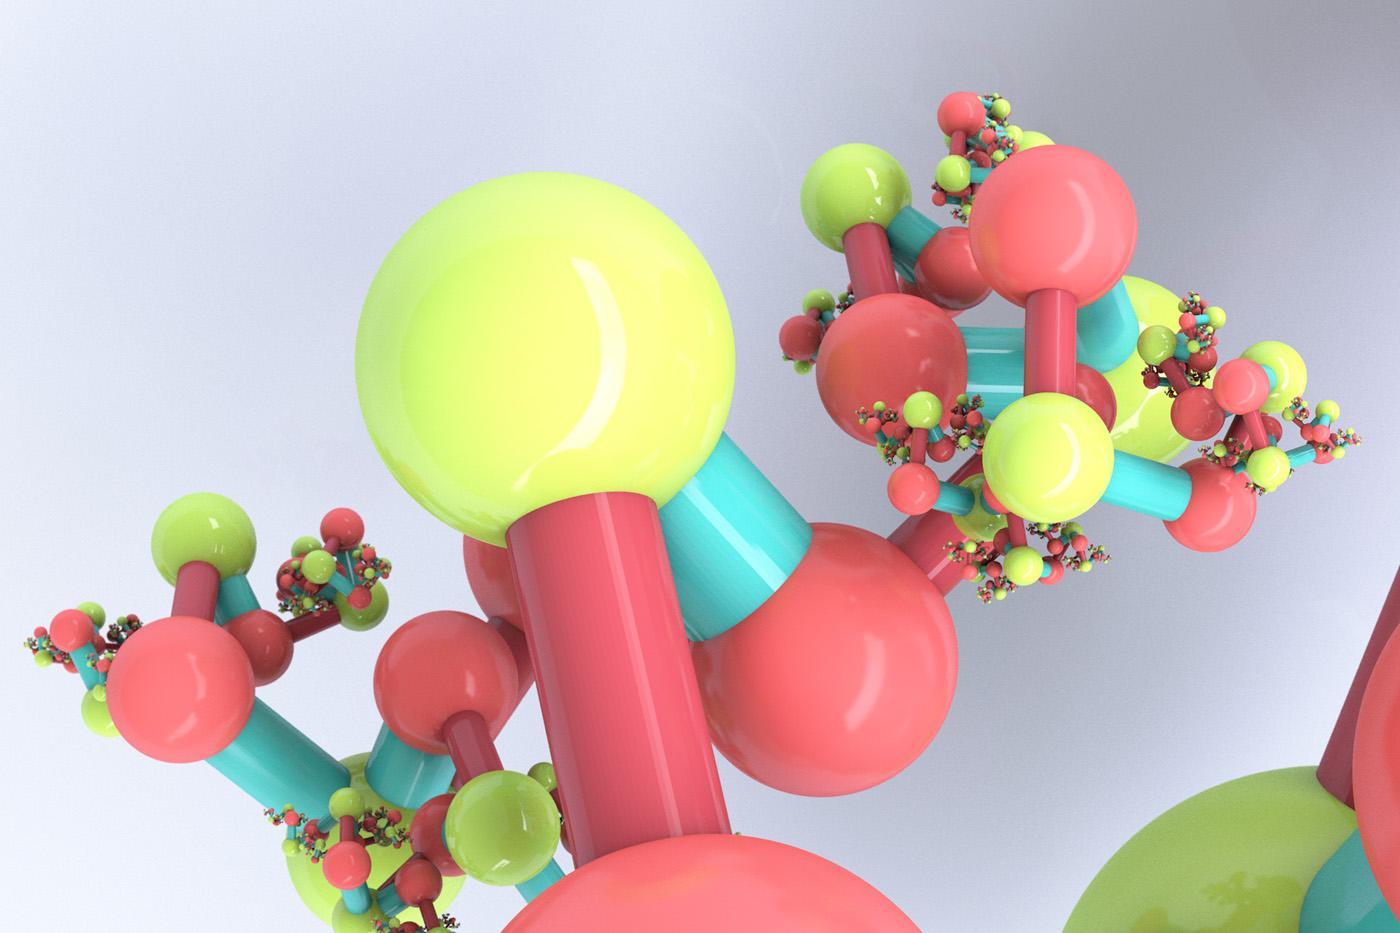 Resultados da Pesquisa de imagens do Google para http://willychyr.com/wp-content/uploads/2012/02/fractal_2012-02-05_small.jpg